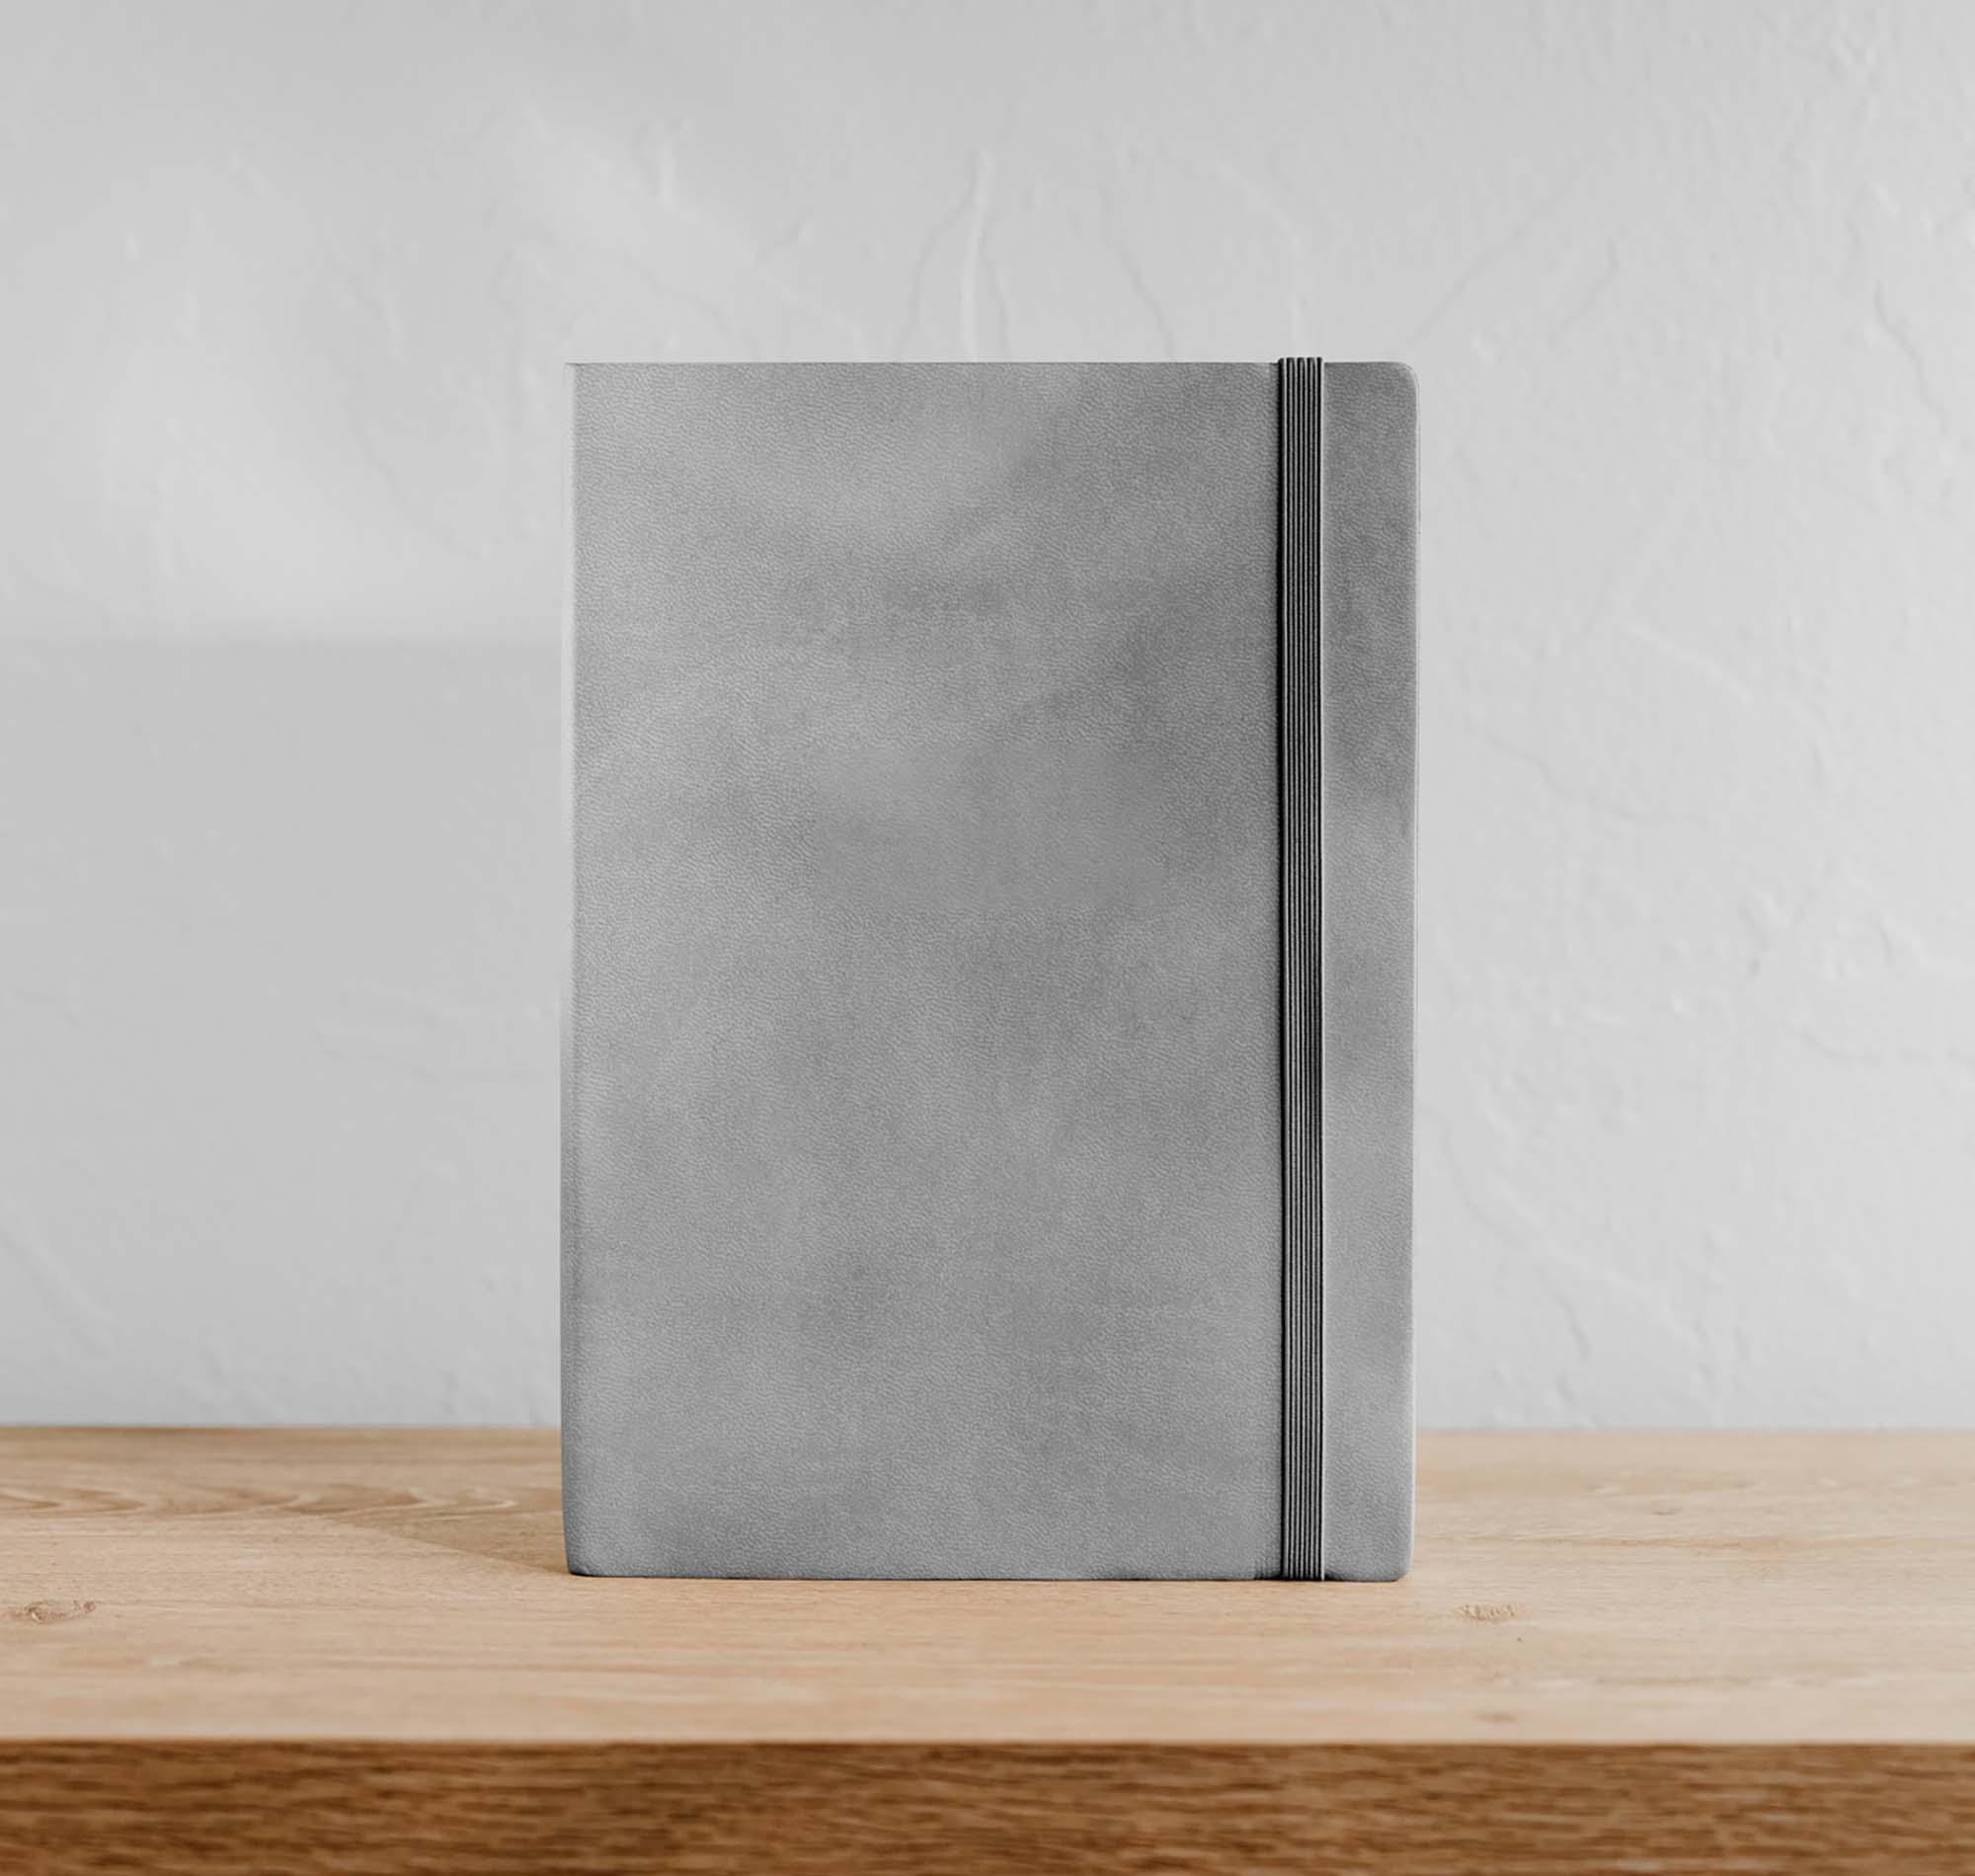 On Shelf Notebook Mockup 2